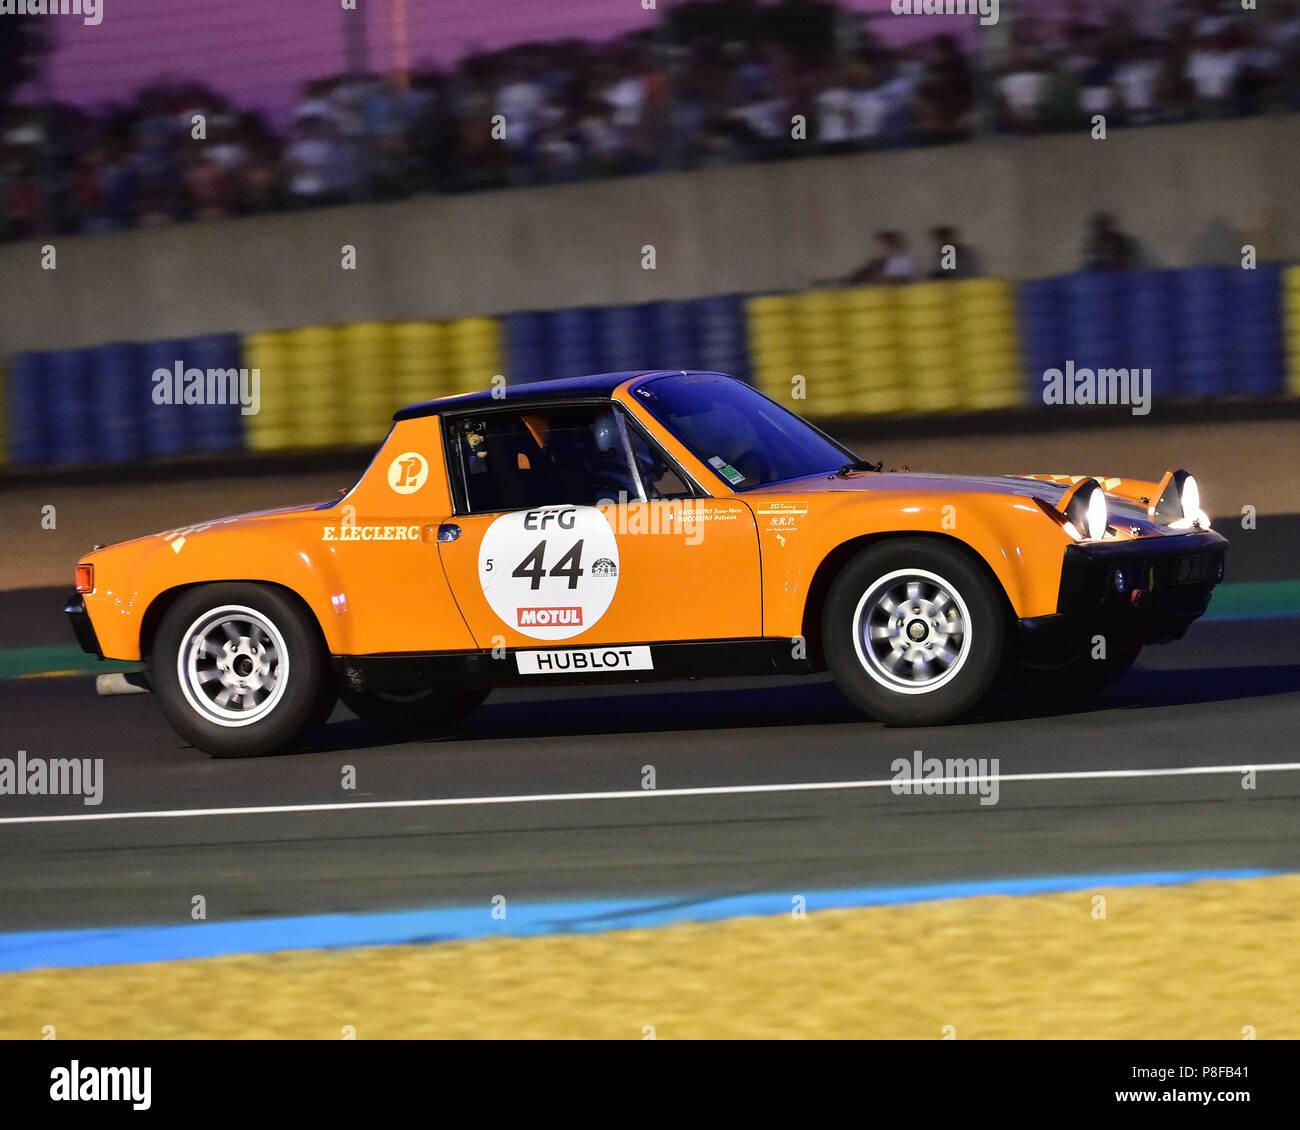 https www alamy com julien bussolini jean marc bussolini porsche 914 6 gt plateau 5 grid 5 le mans classic 2018 july 2018 le mans france circuit racing classic image211779681 html